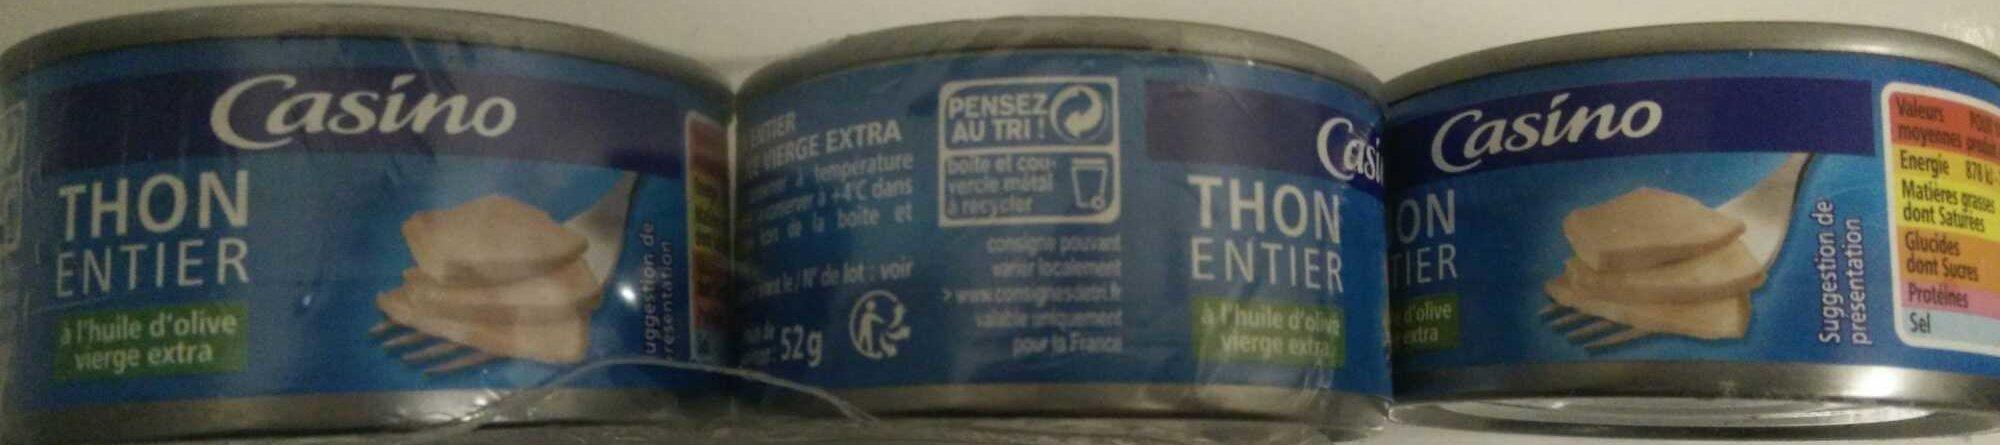 Thon entier à l'huile d'olive vierge extra - Produit - fr